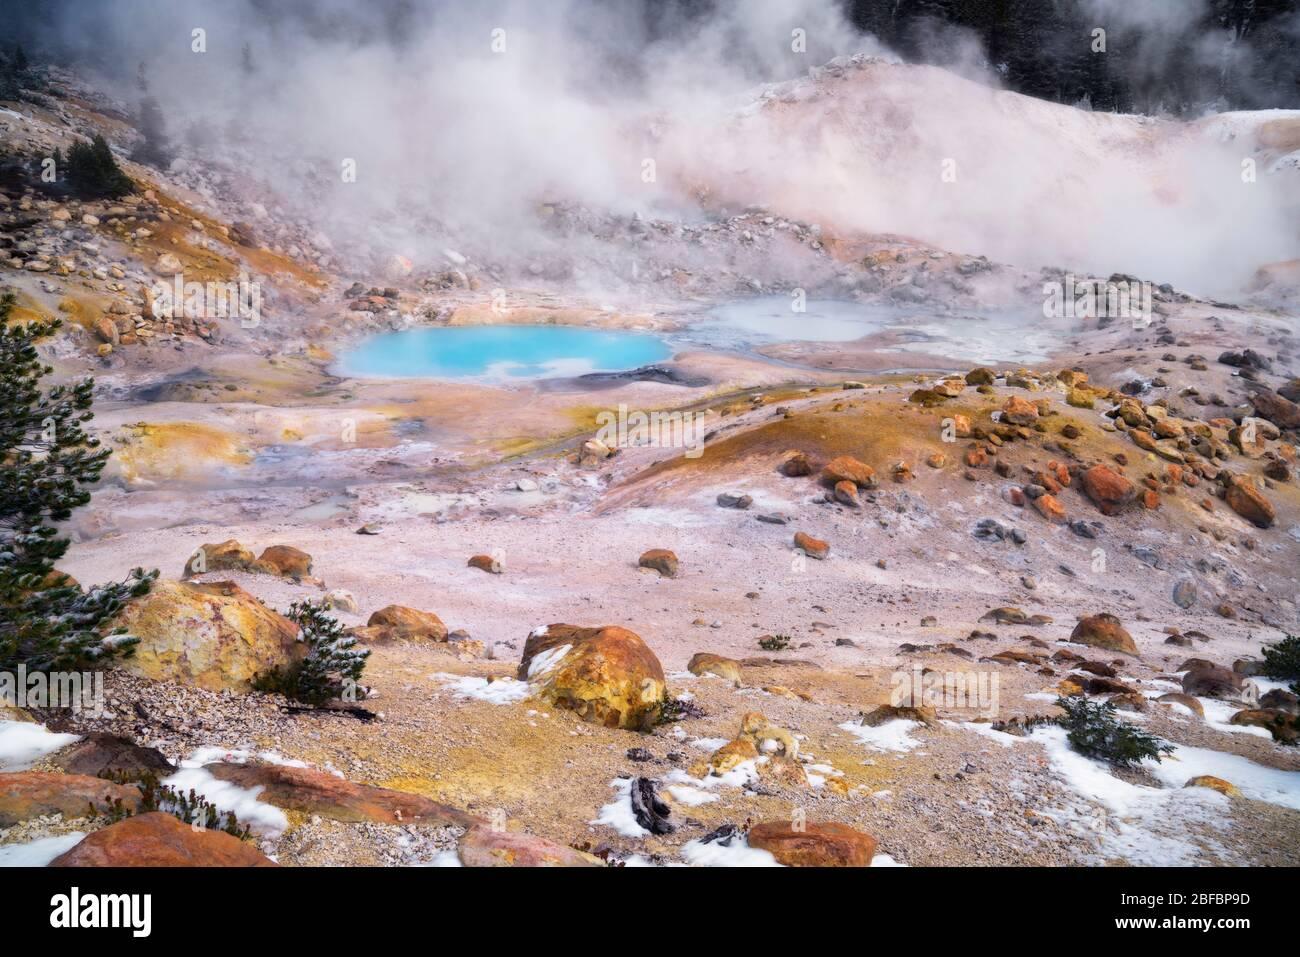 El vapor se eleva desde la piscina de color turquesa y las numerosas características geotérmicas que se encuentran en el Infierno de Bumpass, en el Parque Nacional volcánico Lassen, en California. Foto de stock